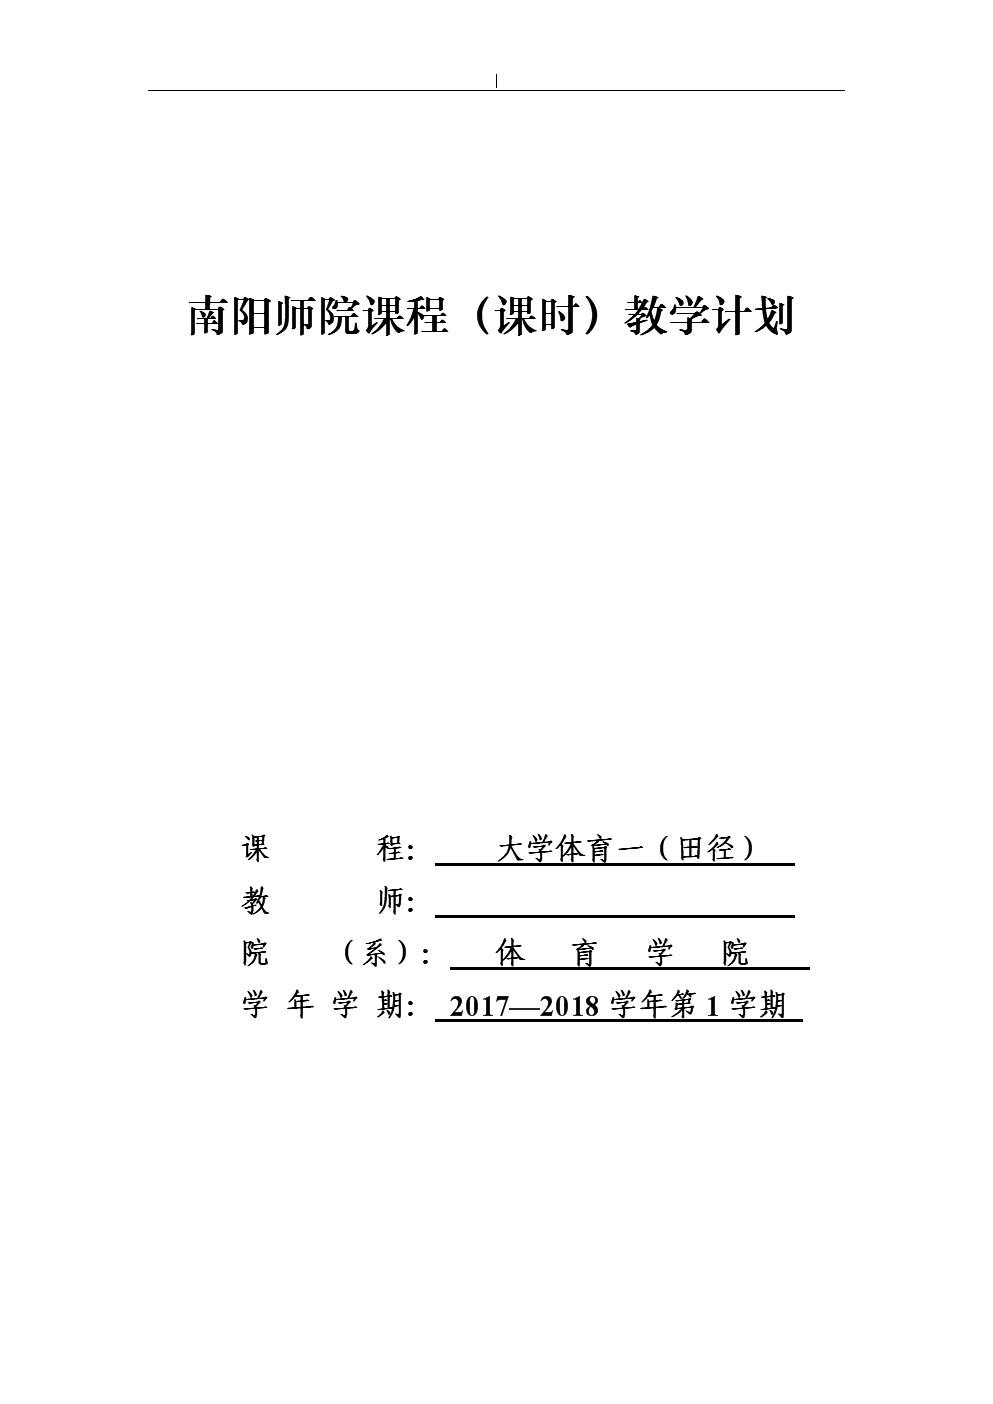 大学体育项目一(田径)教案教程.doc图片